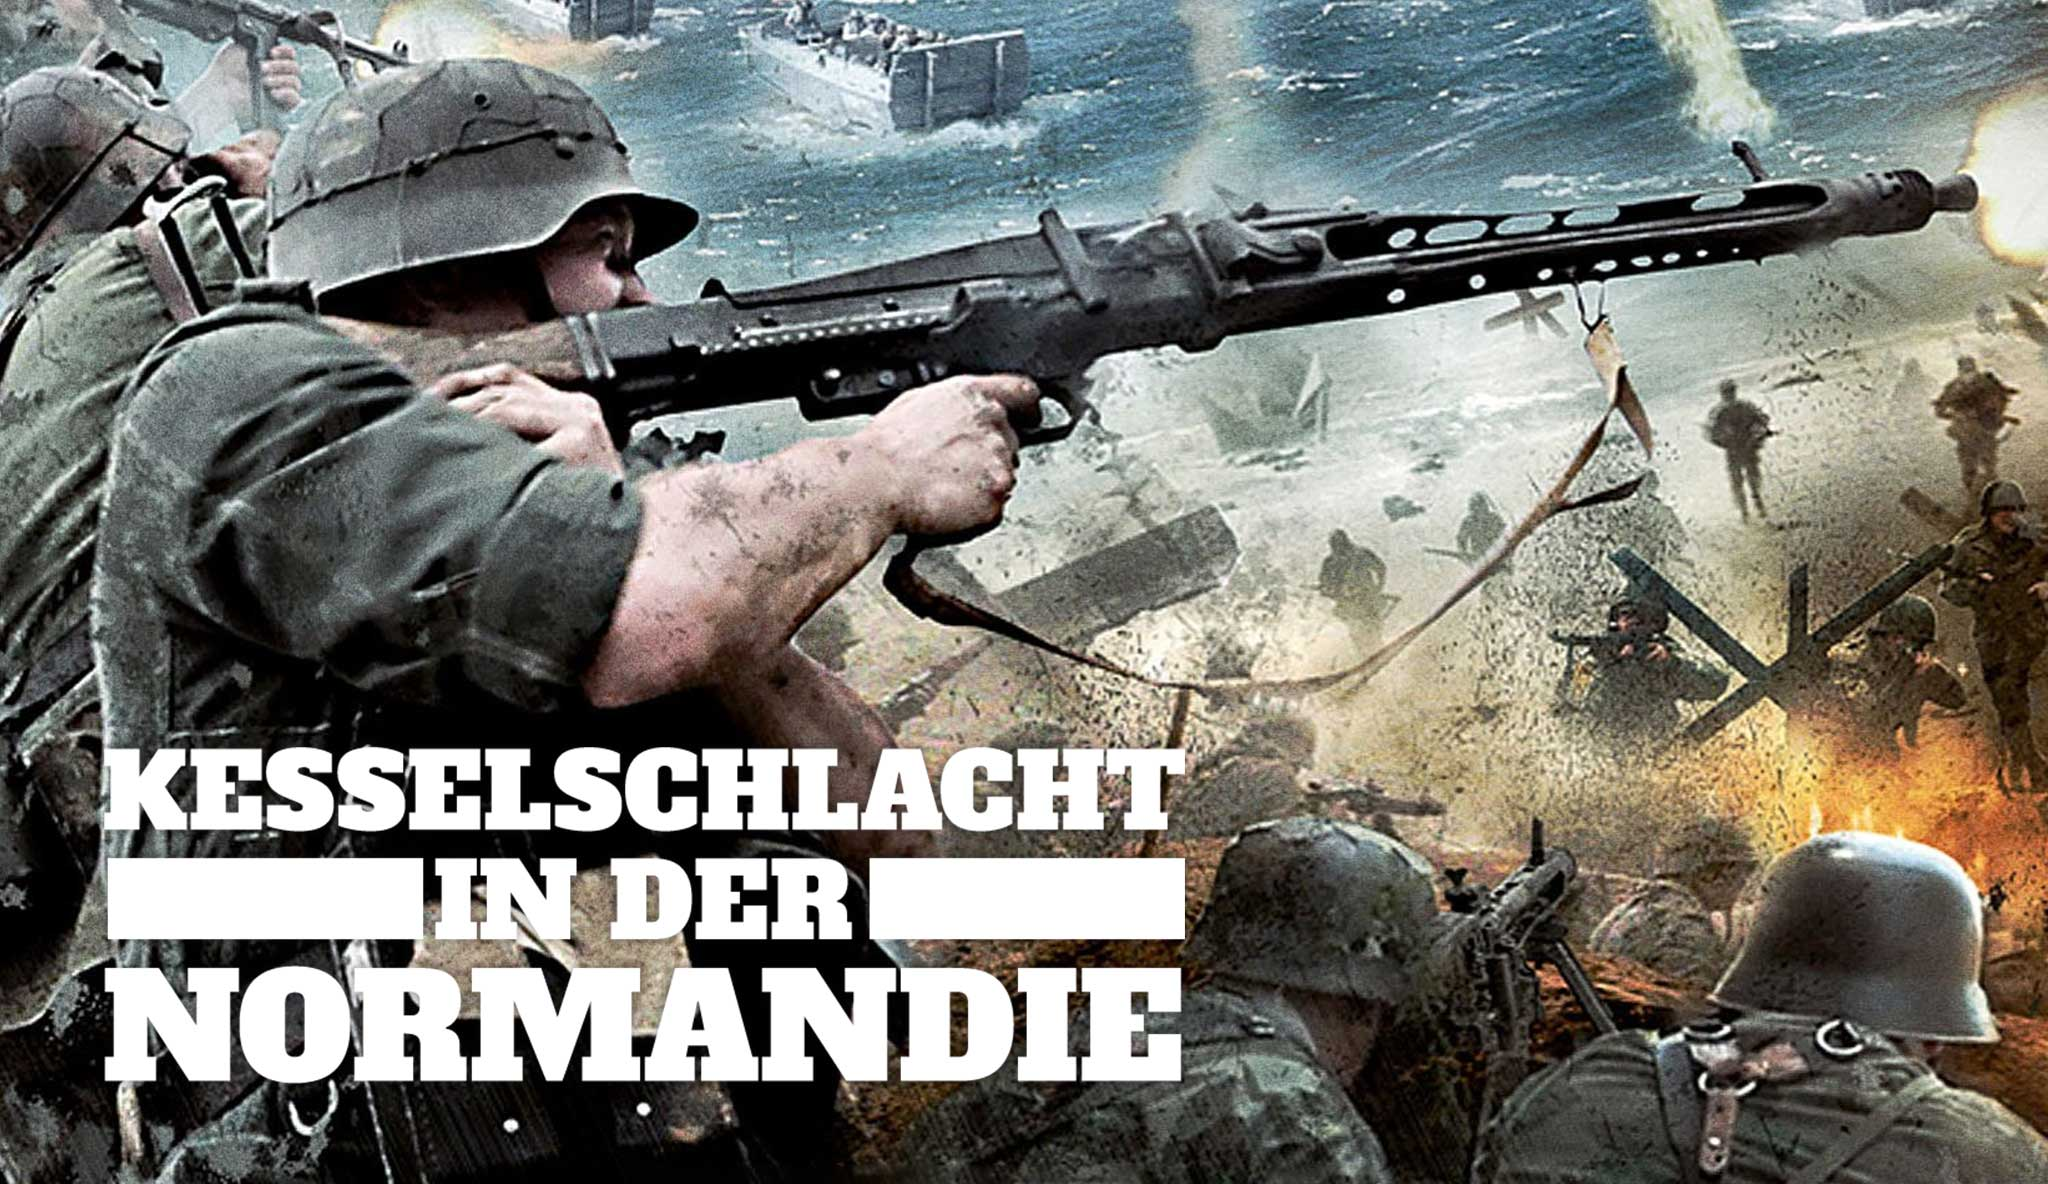 kesselschlacht-in-der-normandie-2\header.jpg